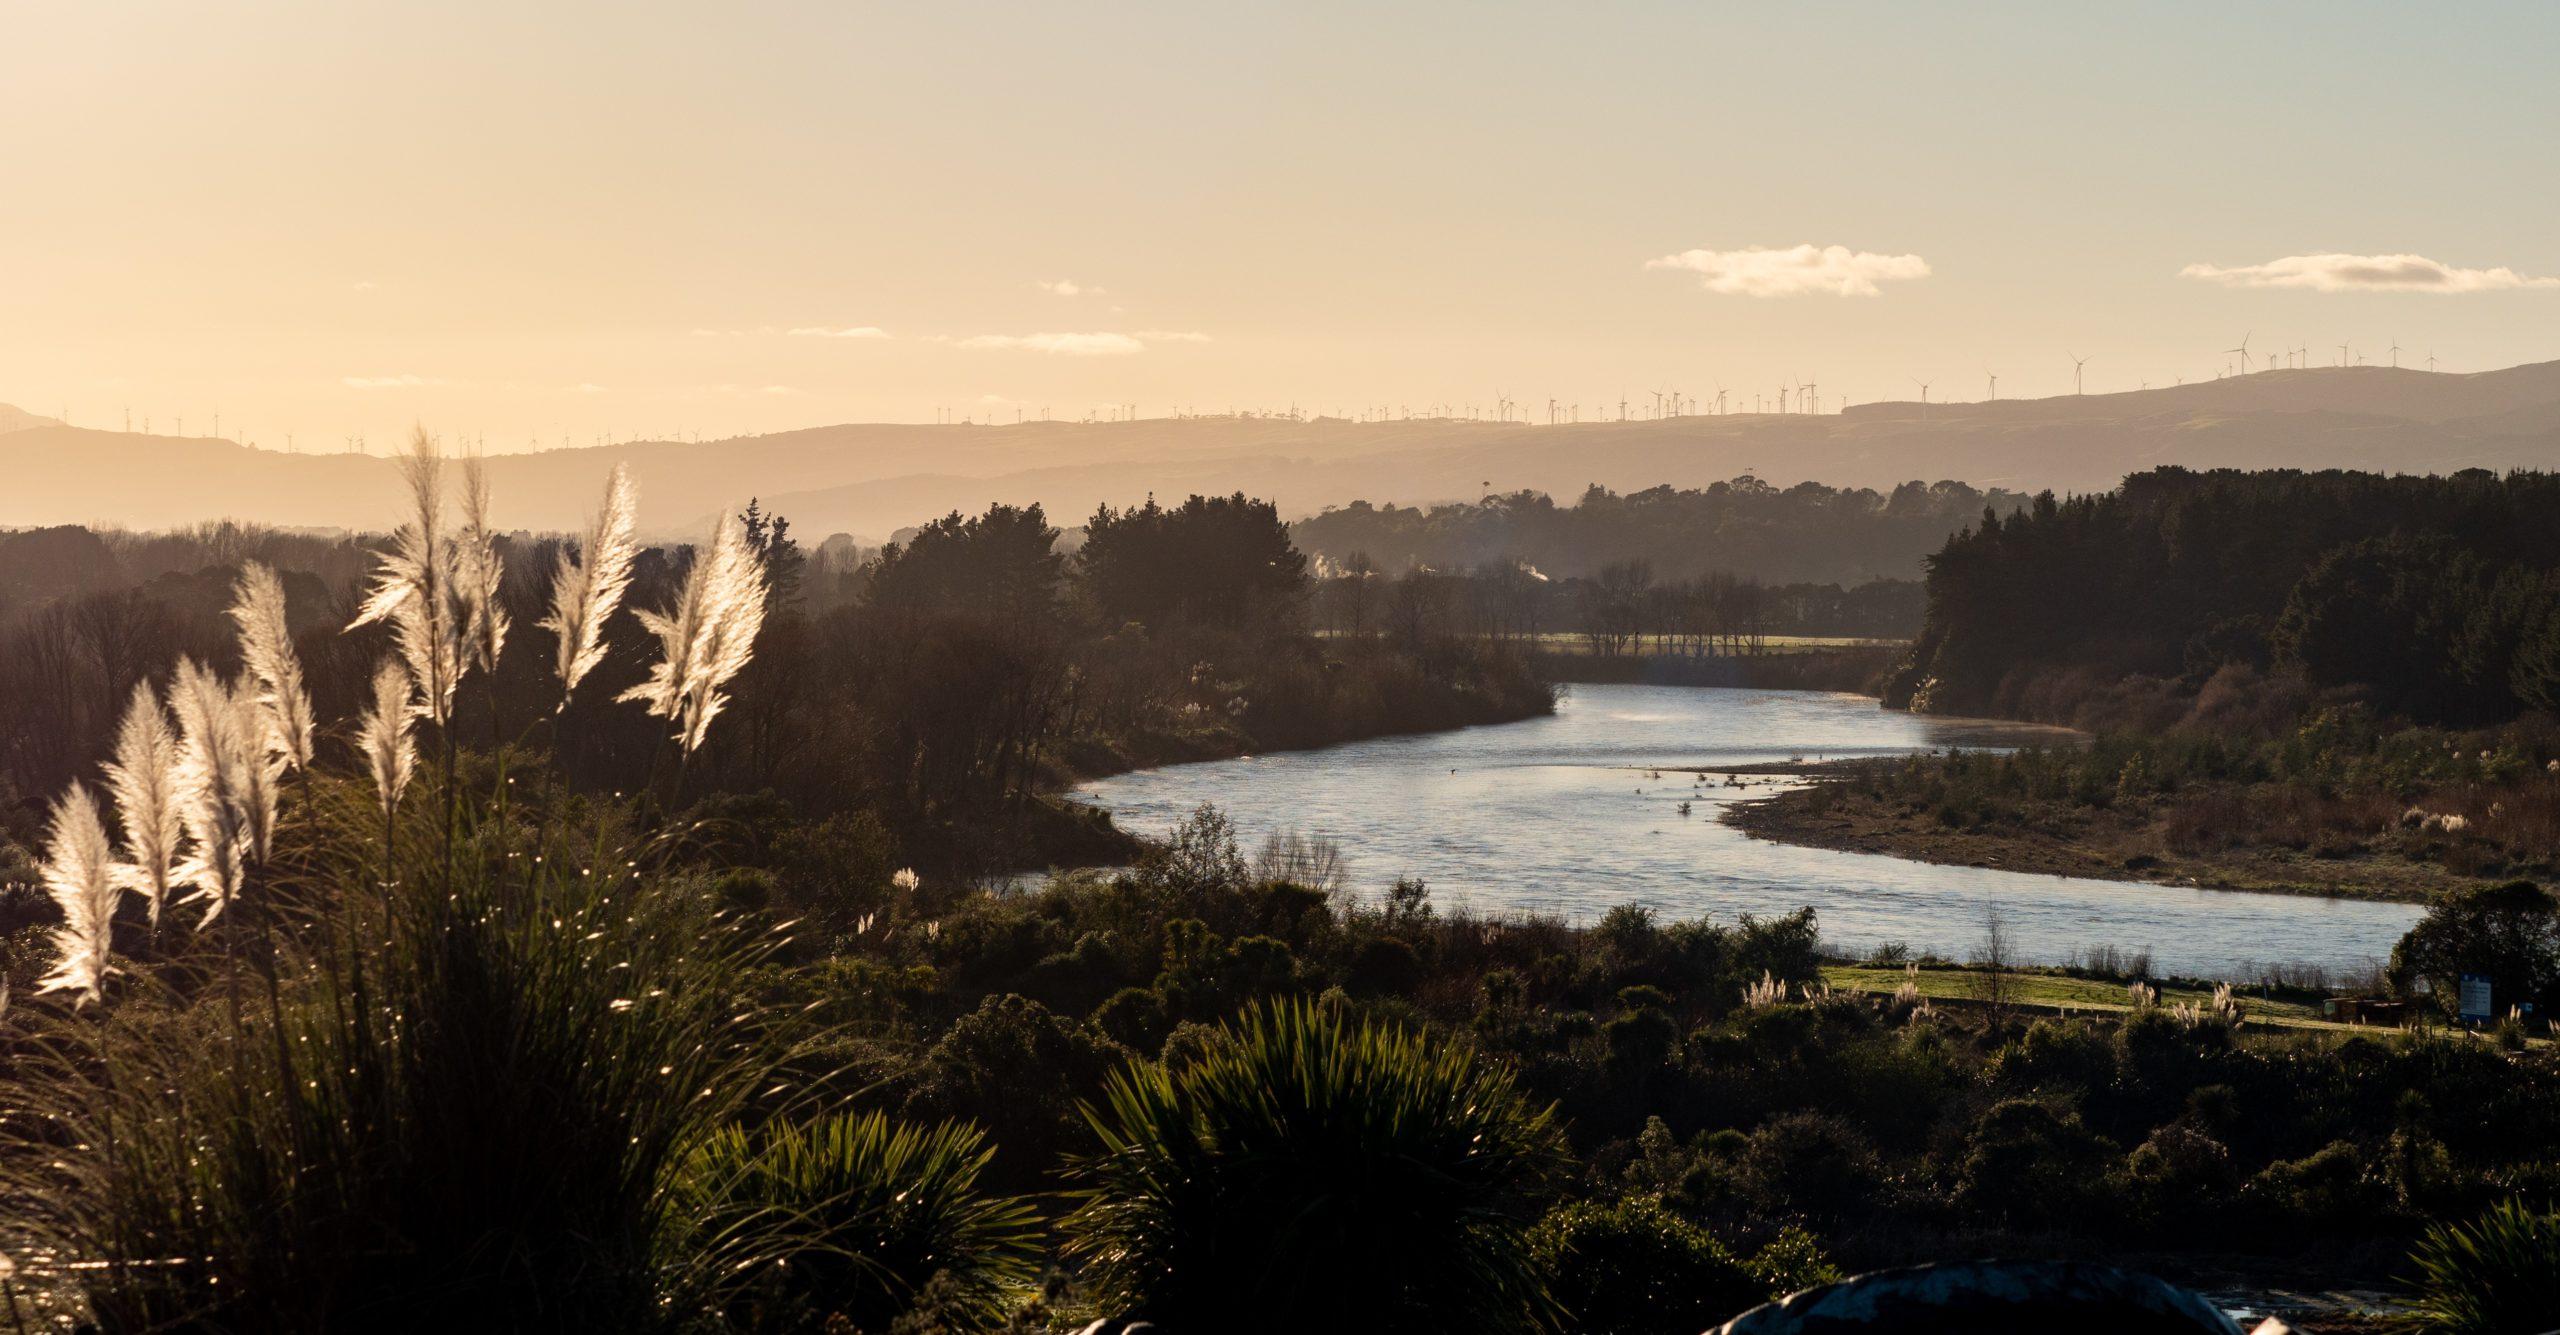 Report on Māori business in Manawatū Whanganui